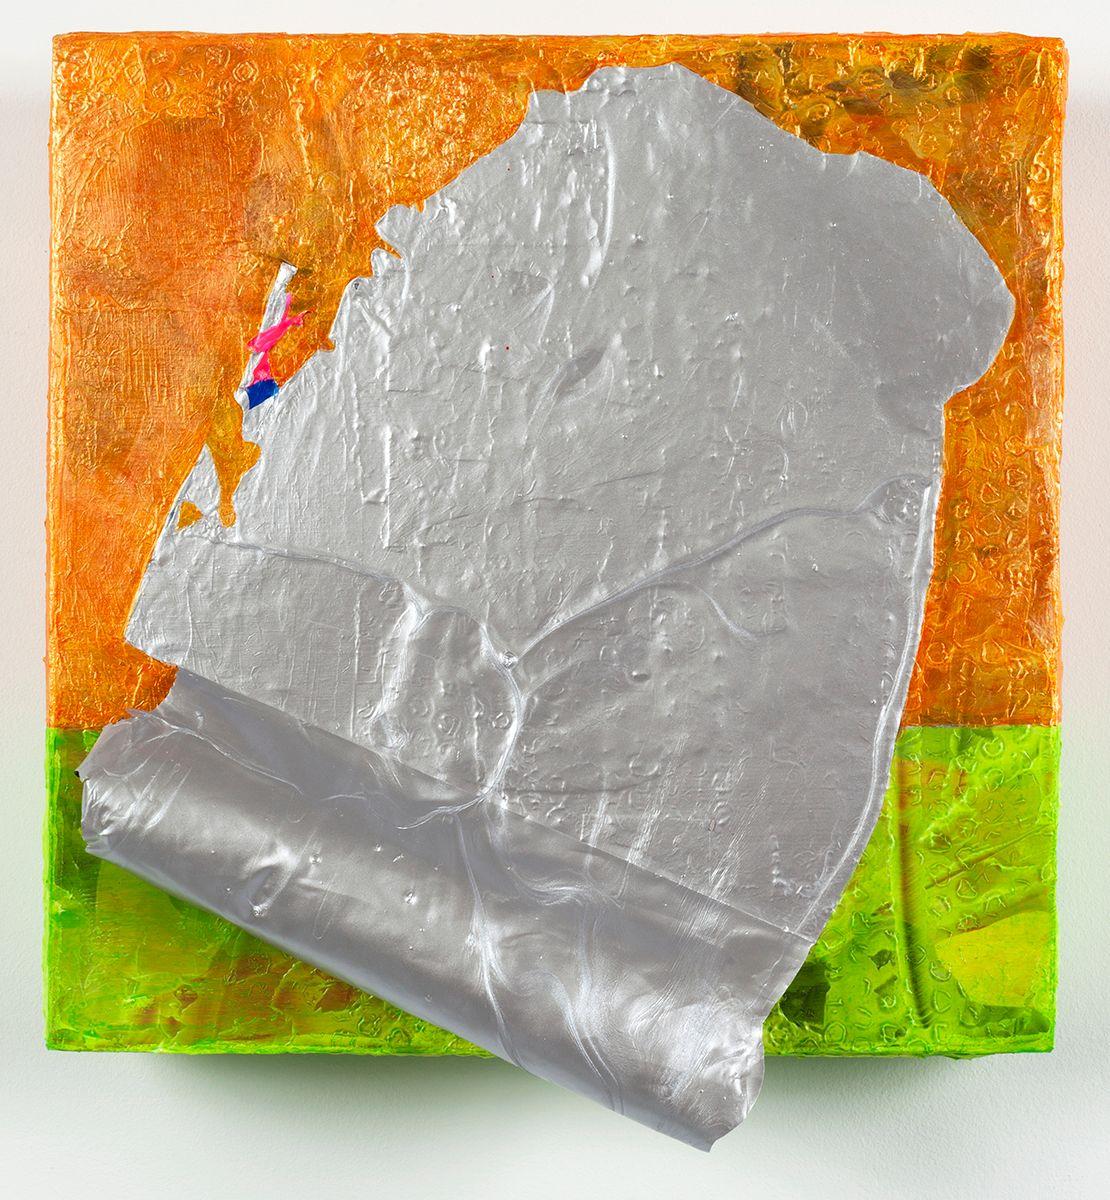 Izydorek_Warhol Inspired 2.18.1.jpg